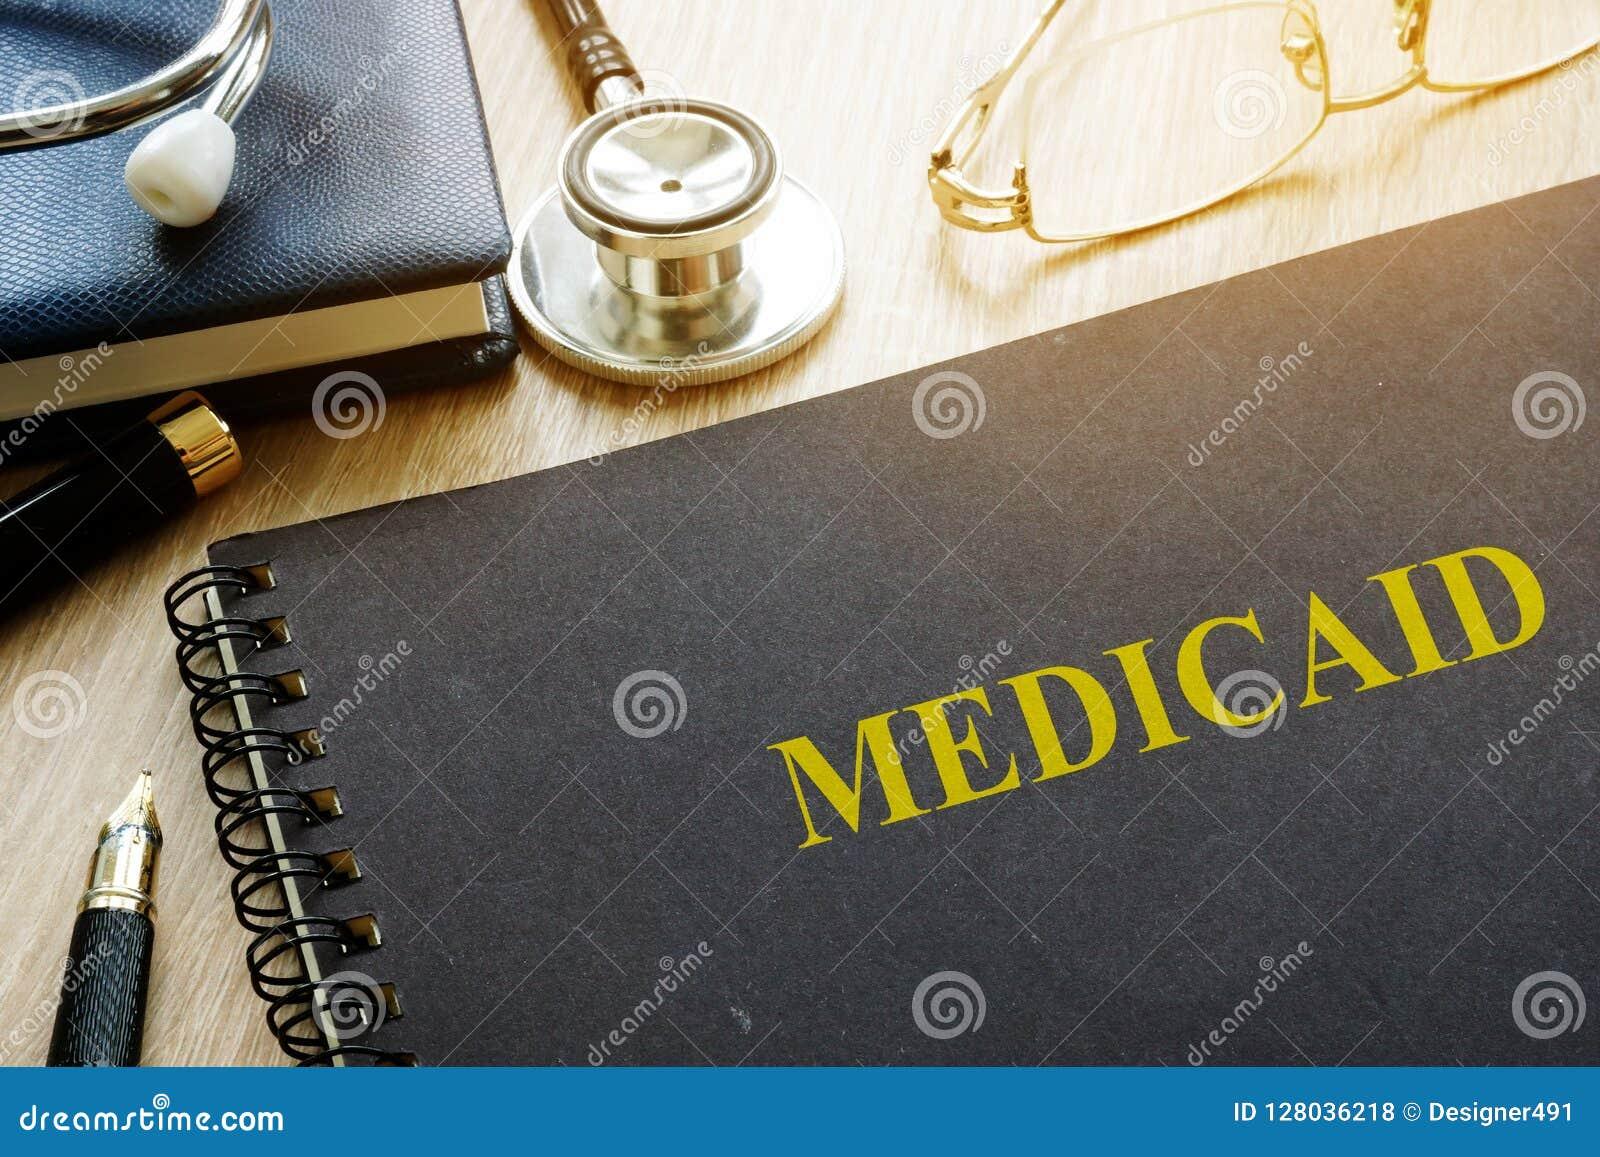 Medicaid Документы, ручка и стетоскоп